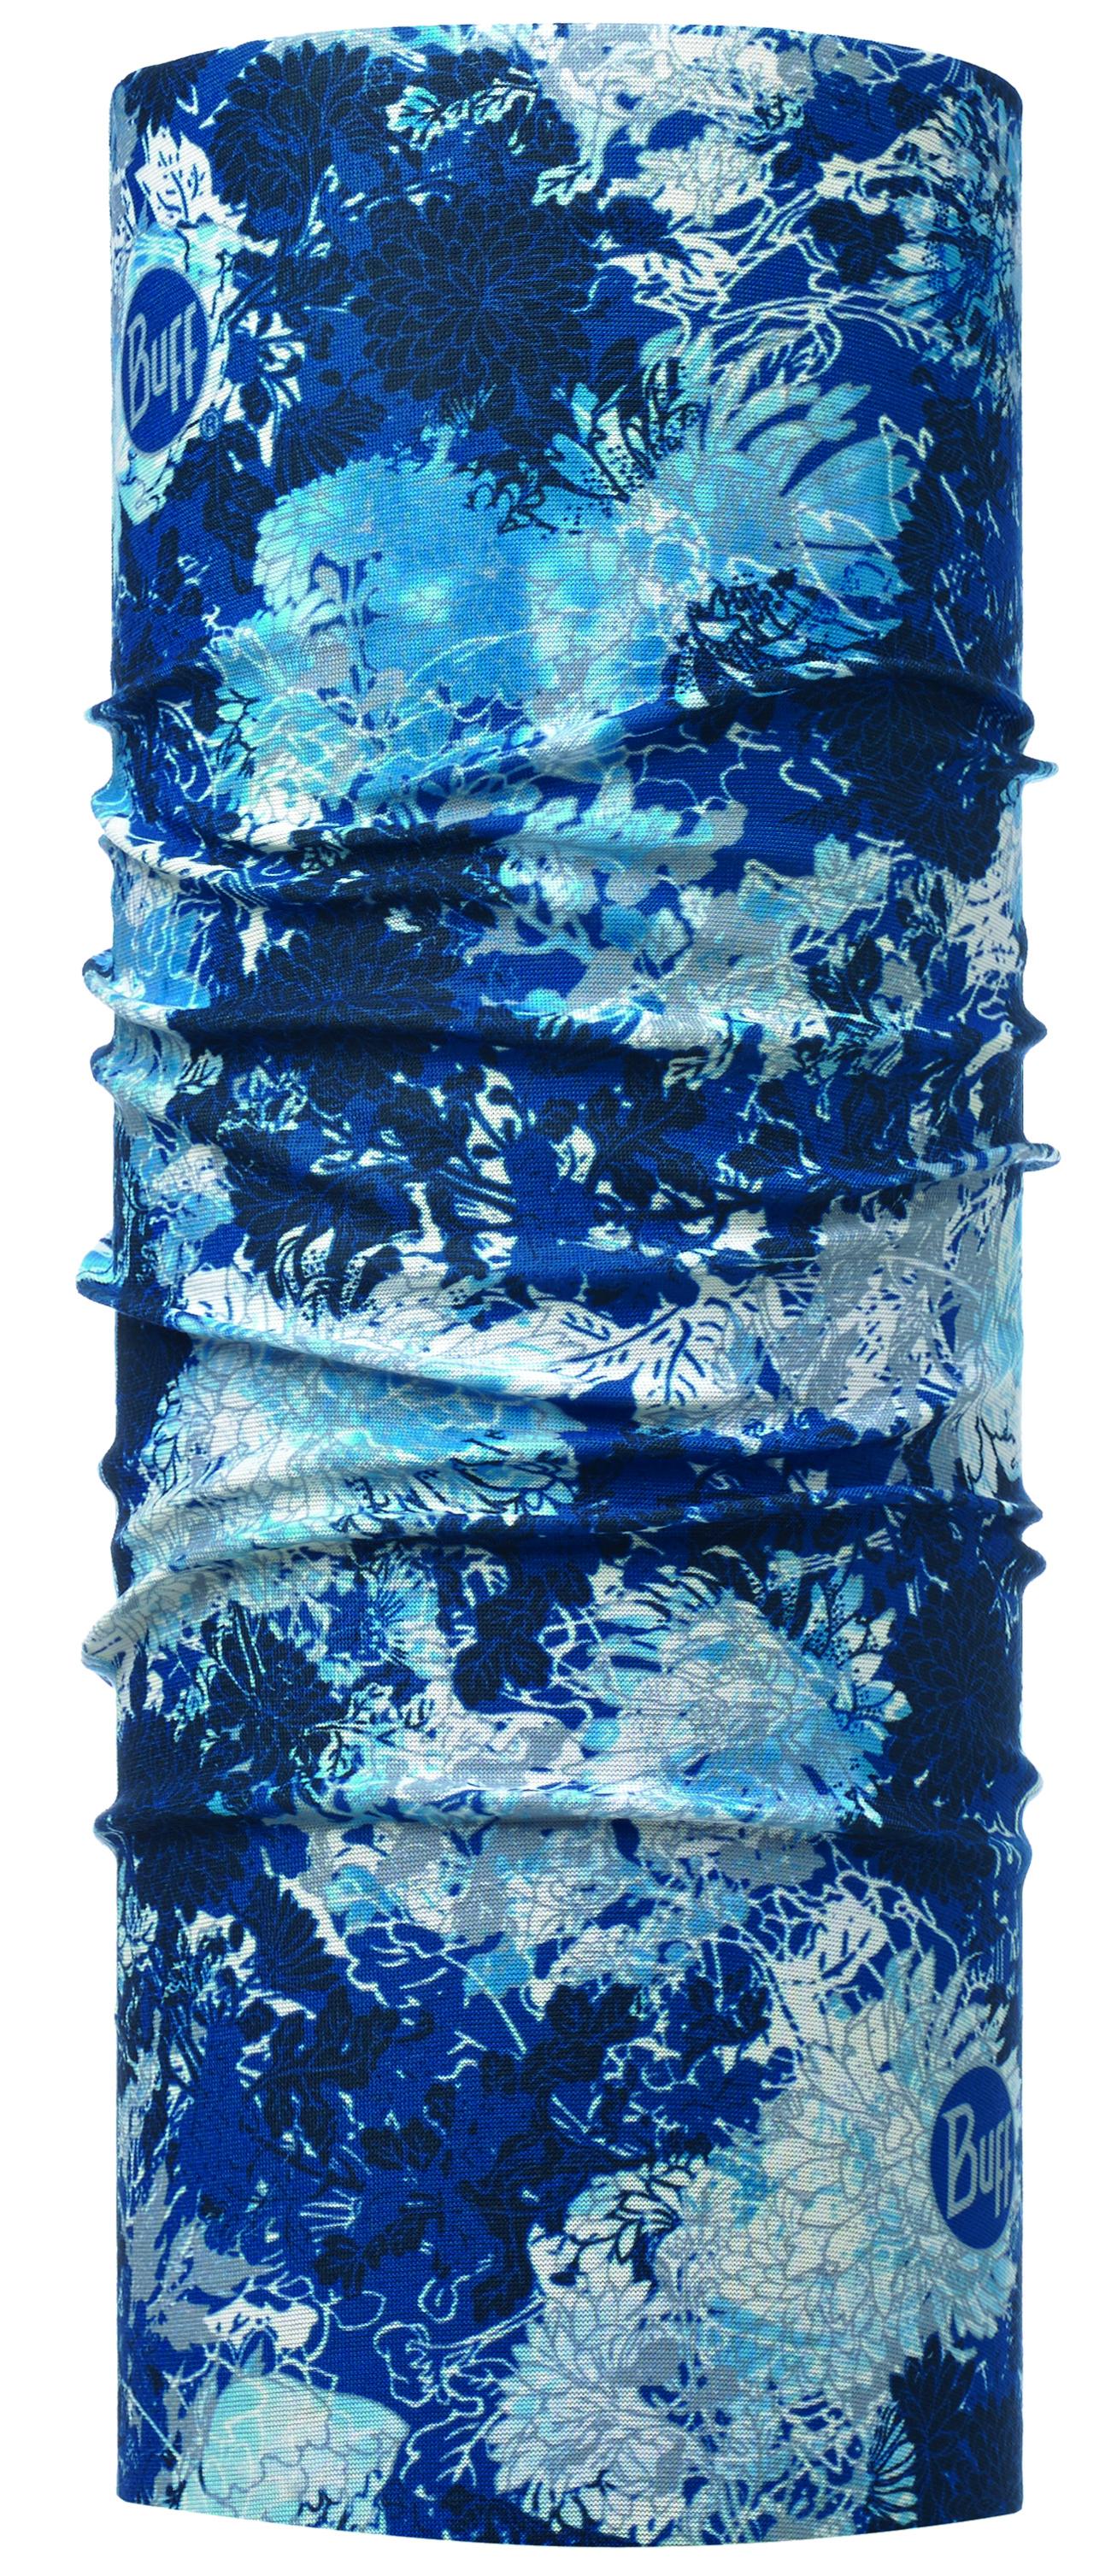 Купить Бандана BUFF ORIGINAL SLIM FIT WINTER GARDEN BLUE Банданы и шарфы Buff ® 1307912